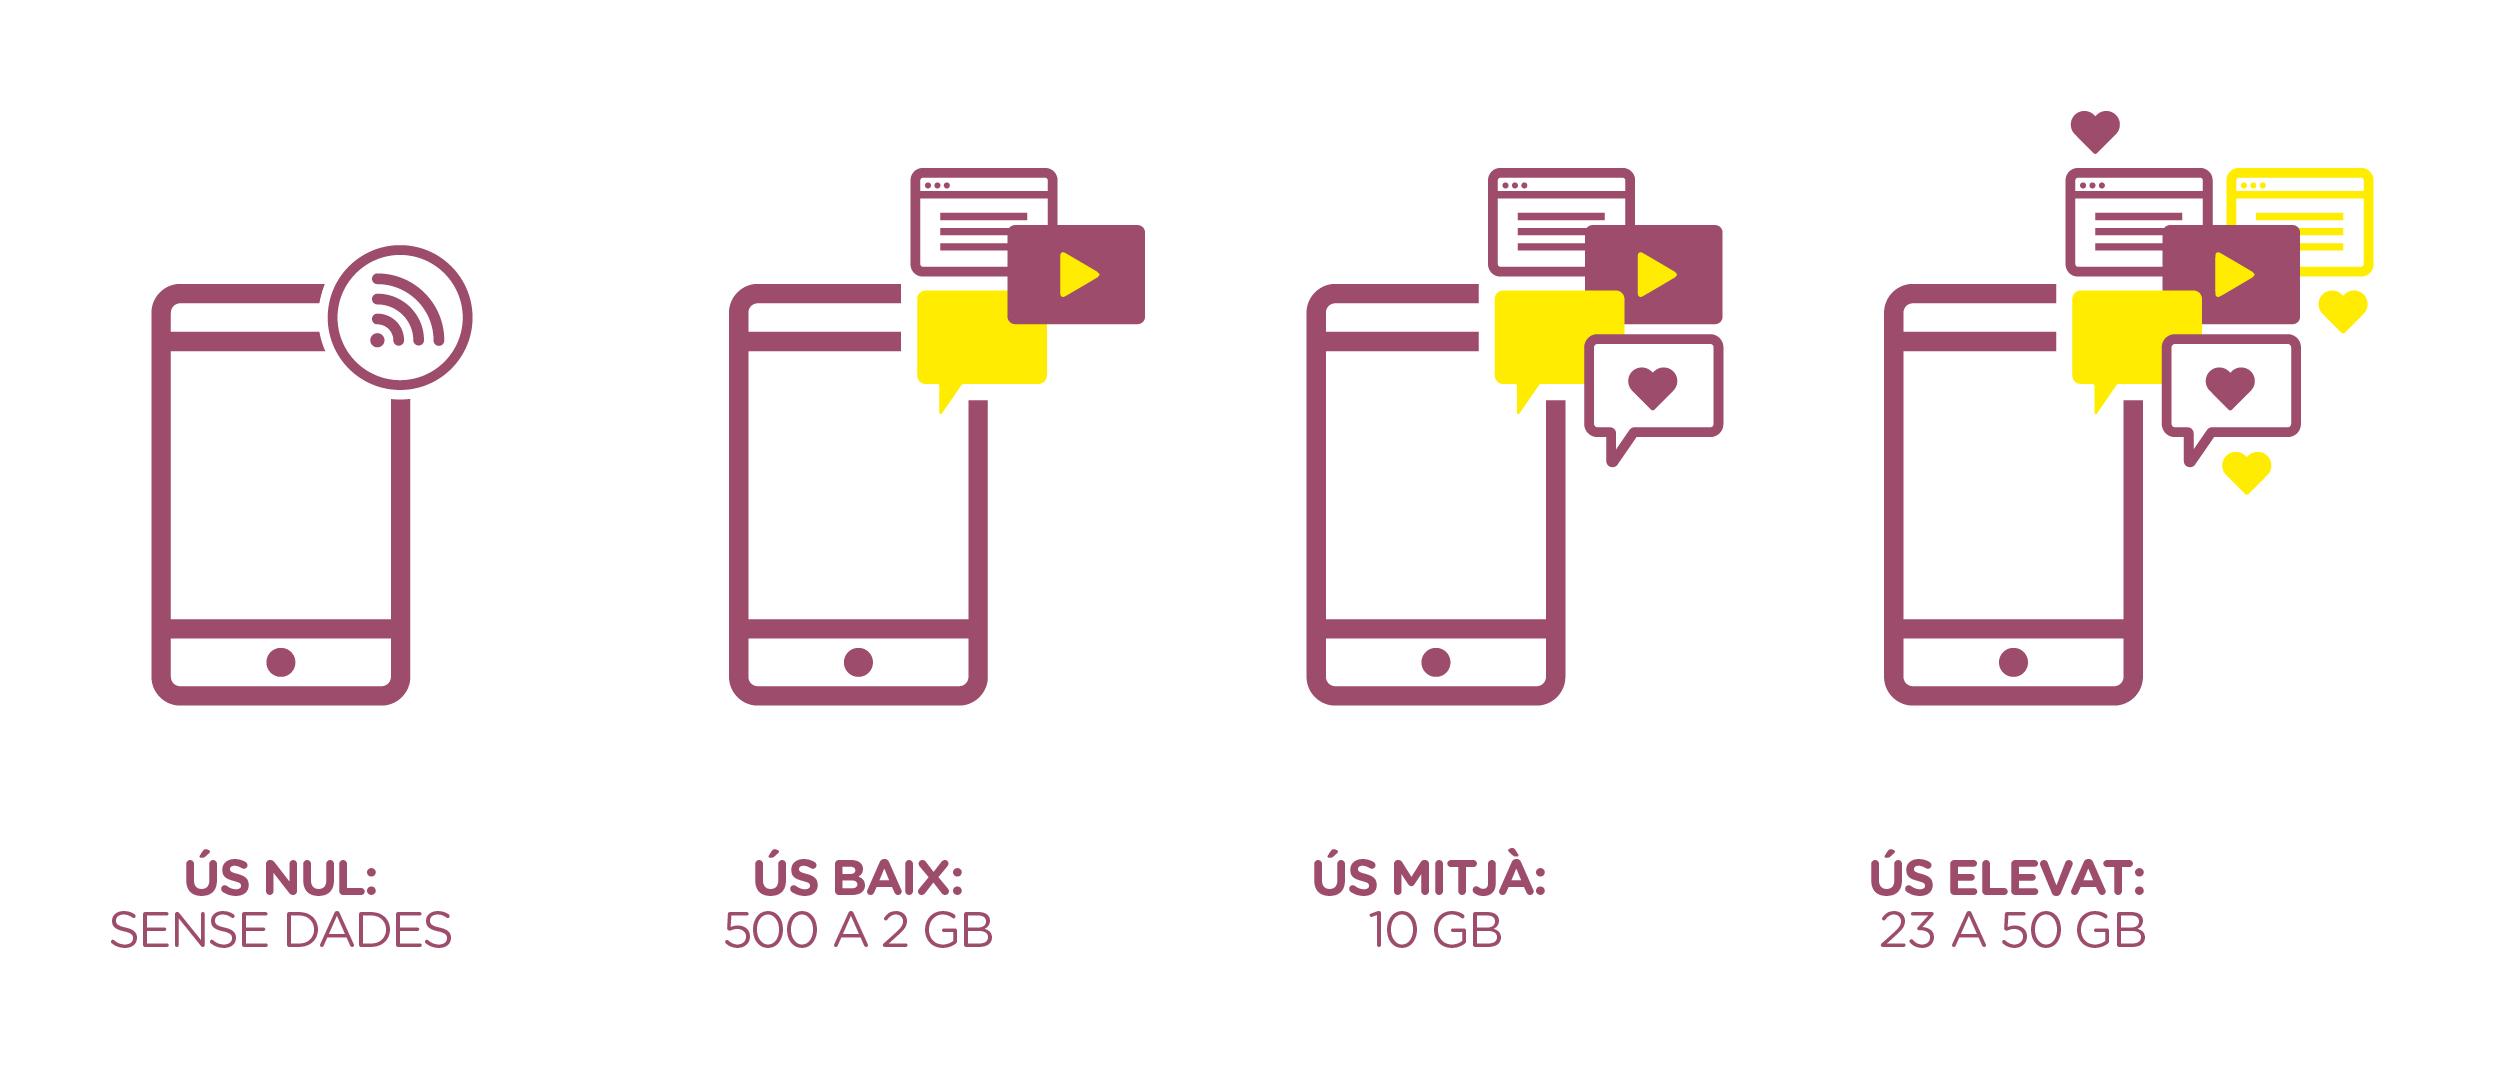 Opcions de tarifes de dades mòbil